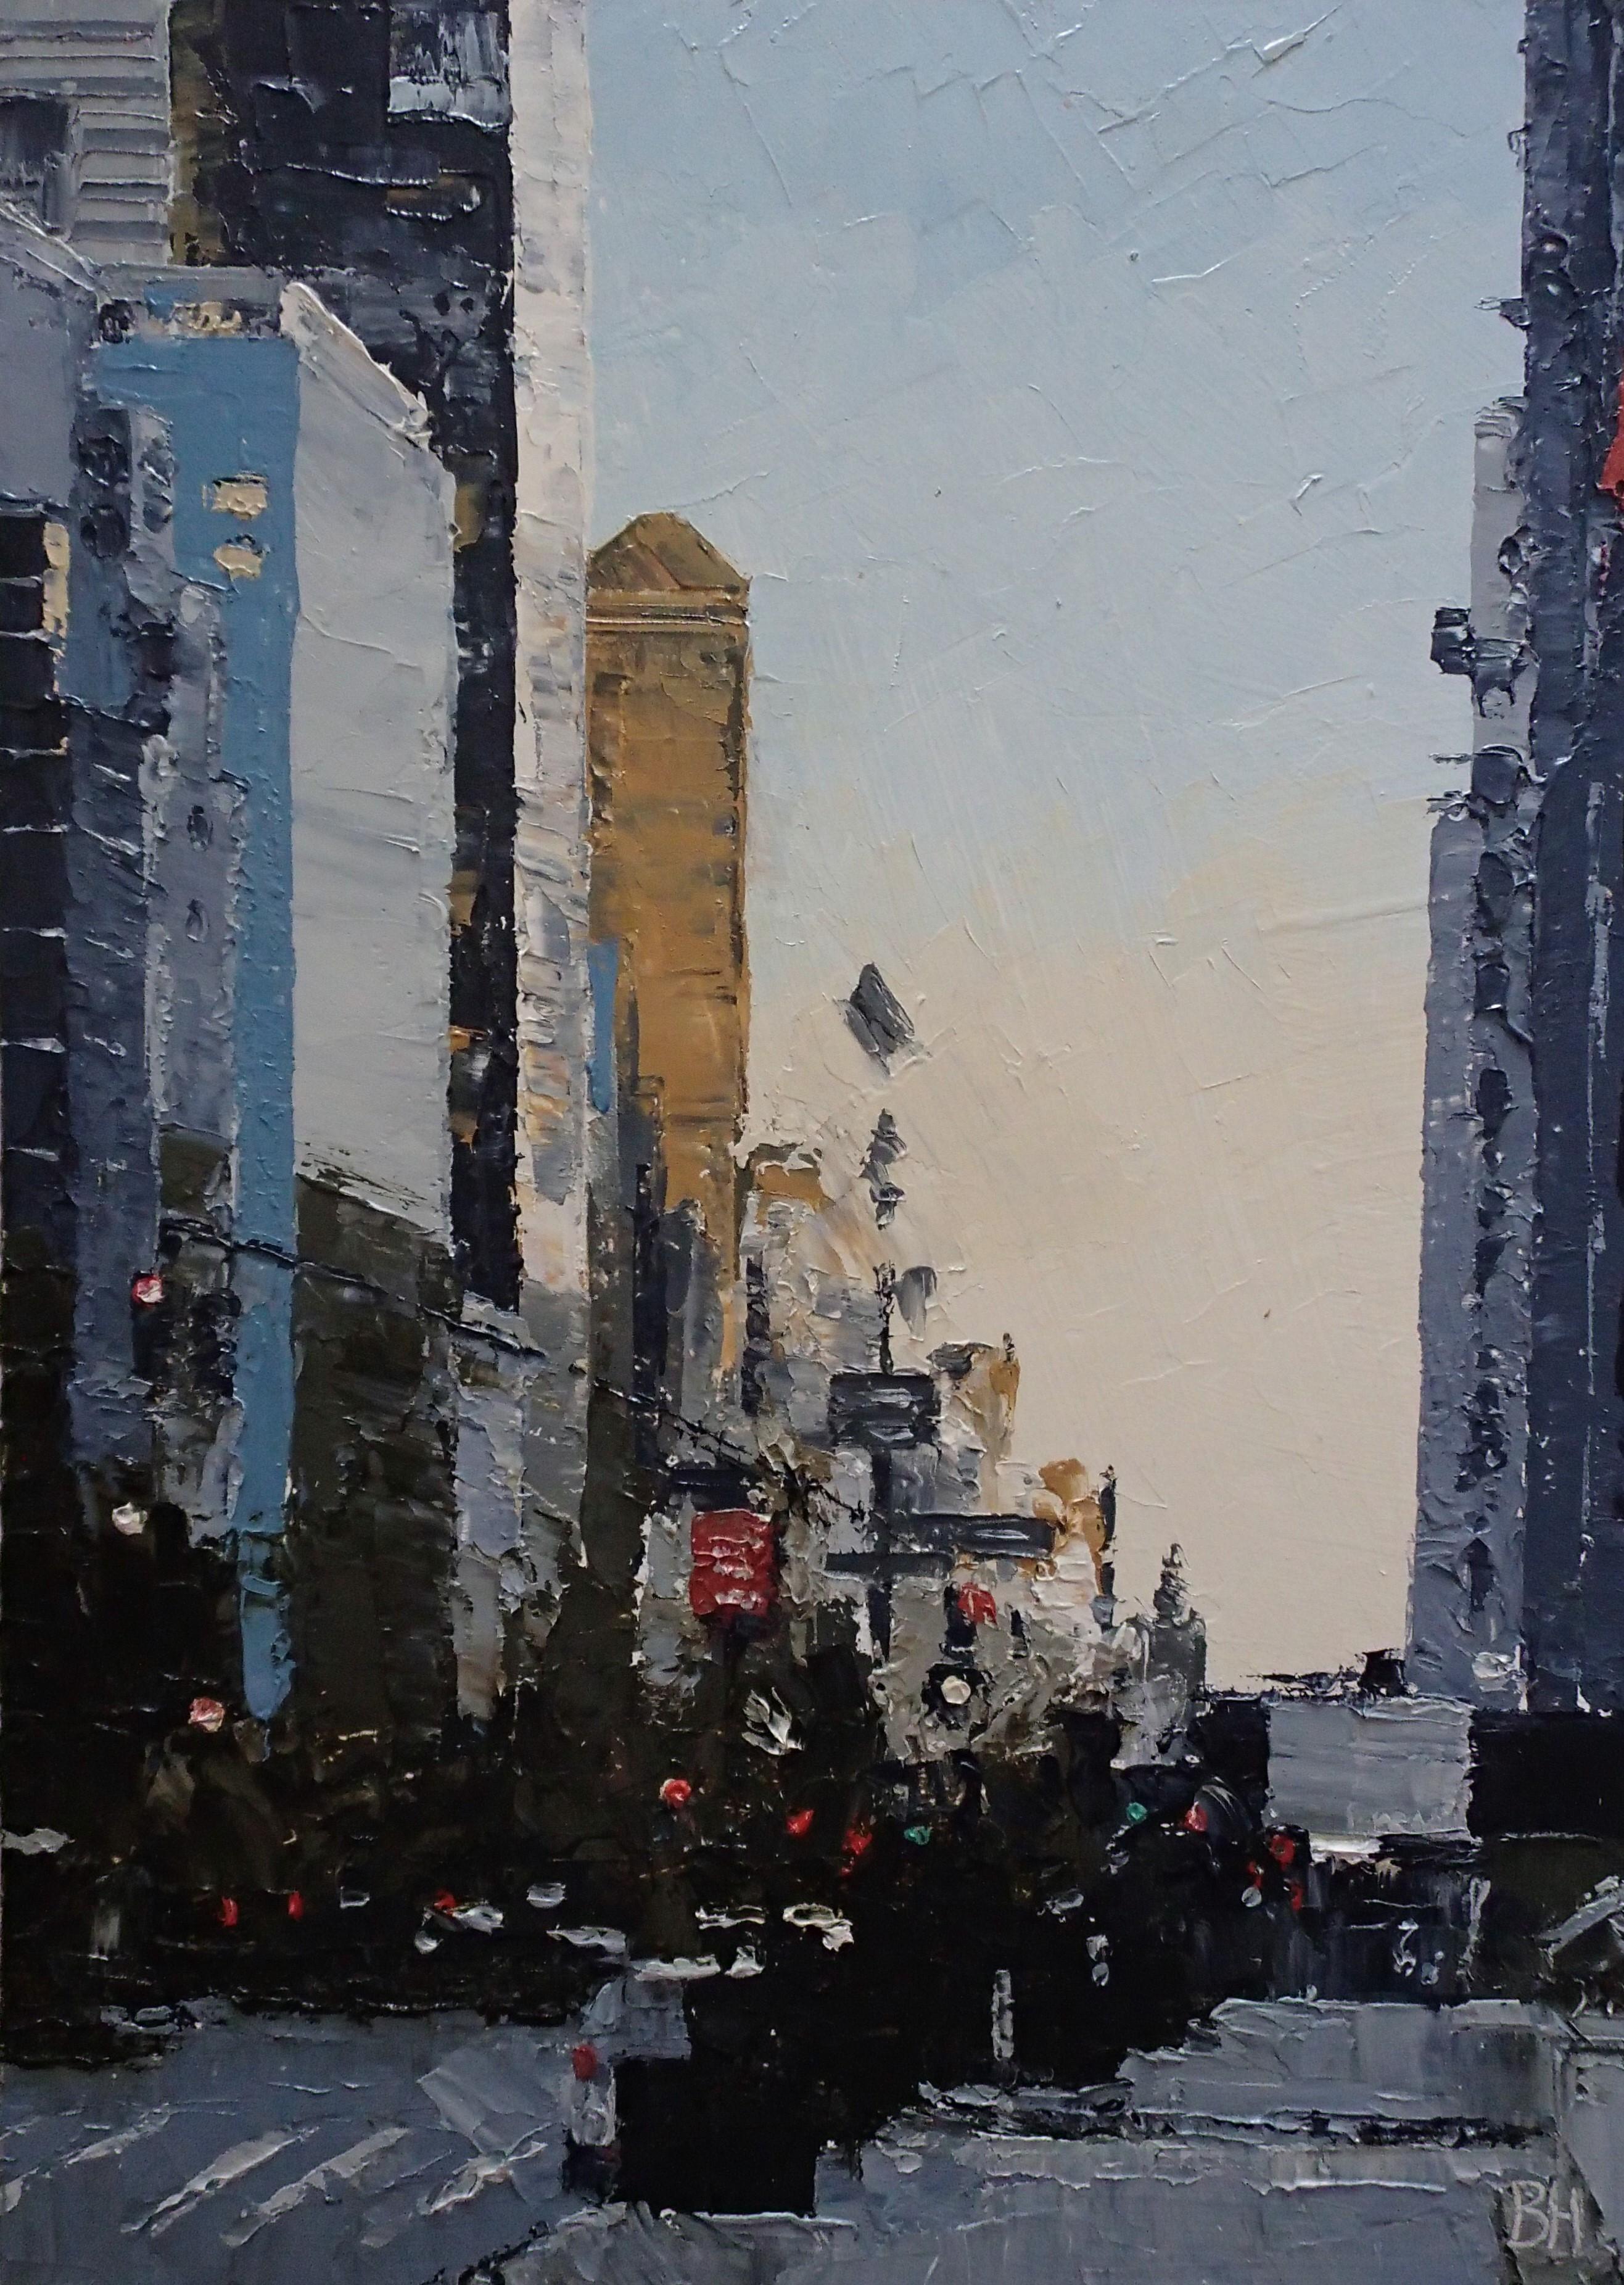 Clear Sky - New York City